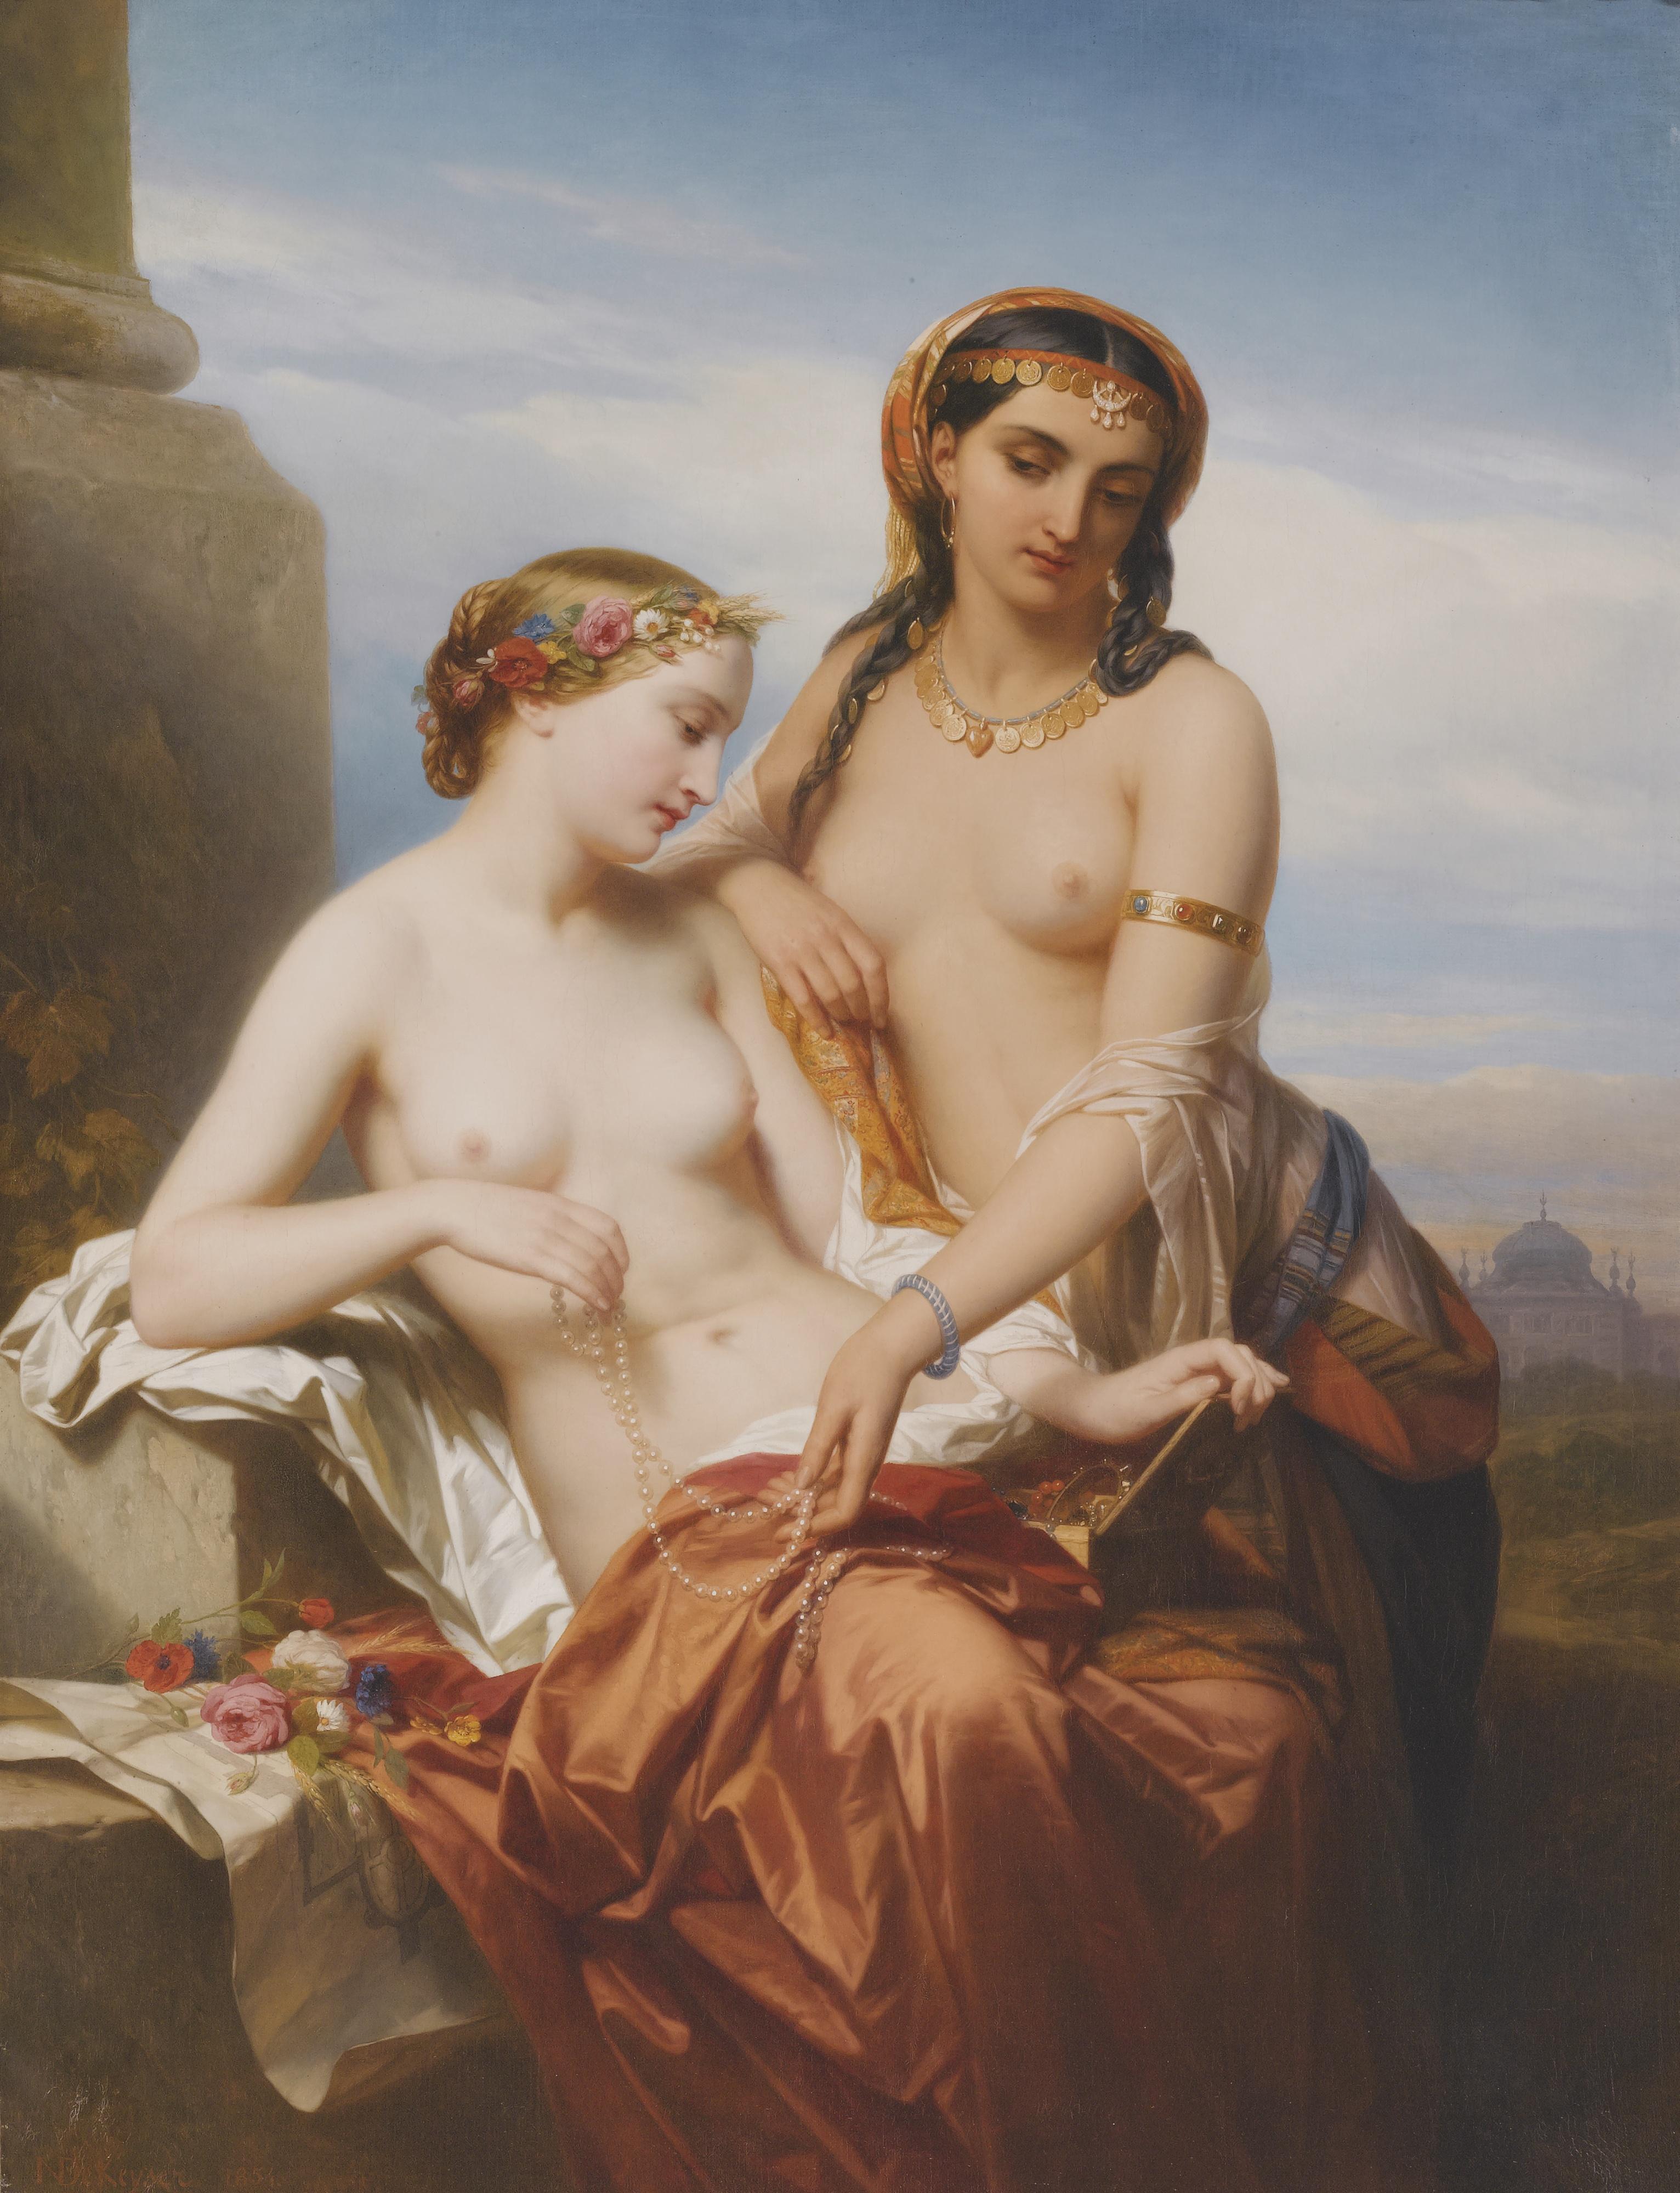 Nicase de Keyser, 1813-1887. Восток и Запад. 172 х 130 см. Частная коллекция